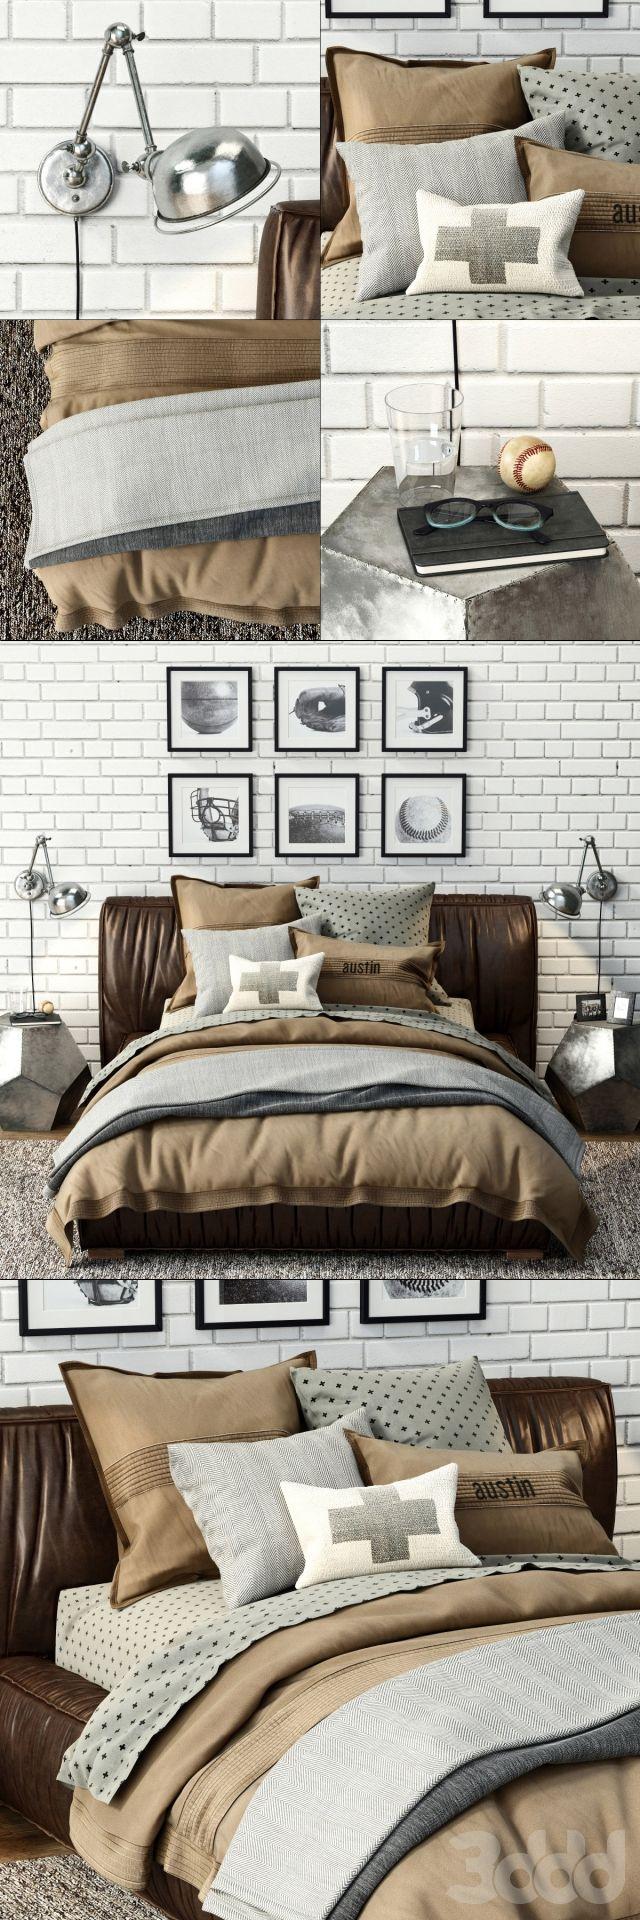 3ds max 2010 v ray 2 40 03 file formats fbx obj dog beds - Rh Sona Upholstered Platform Bed